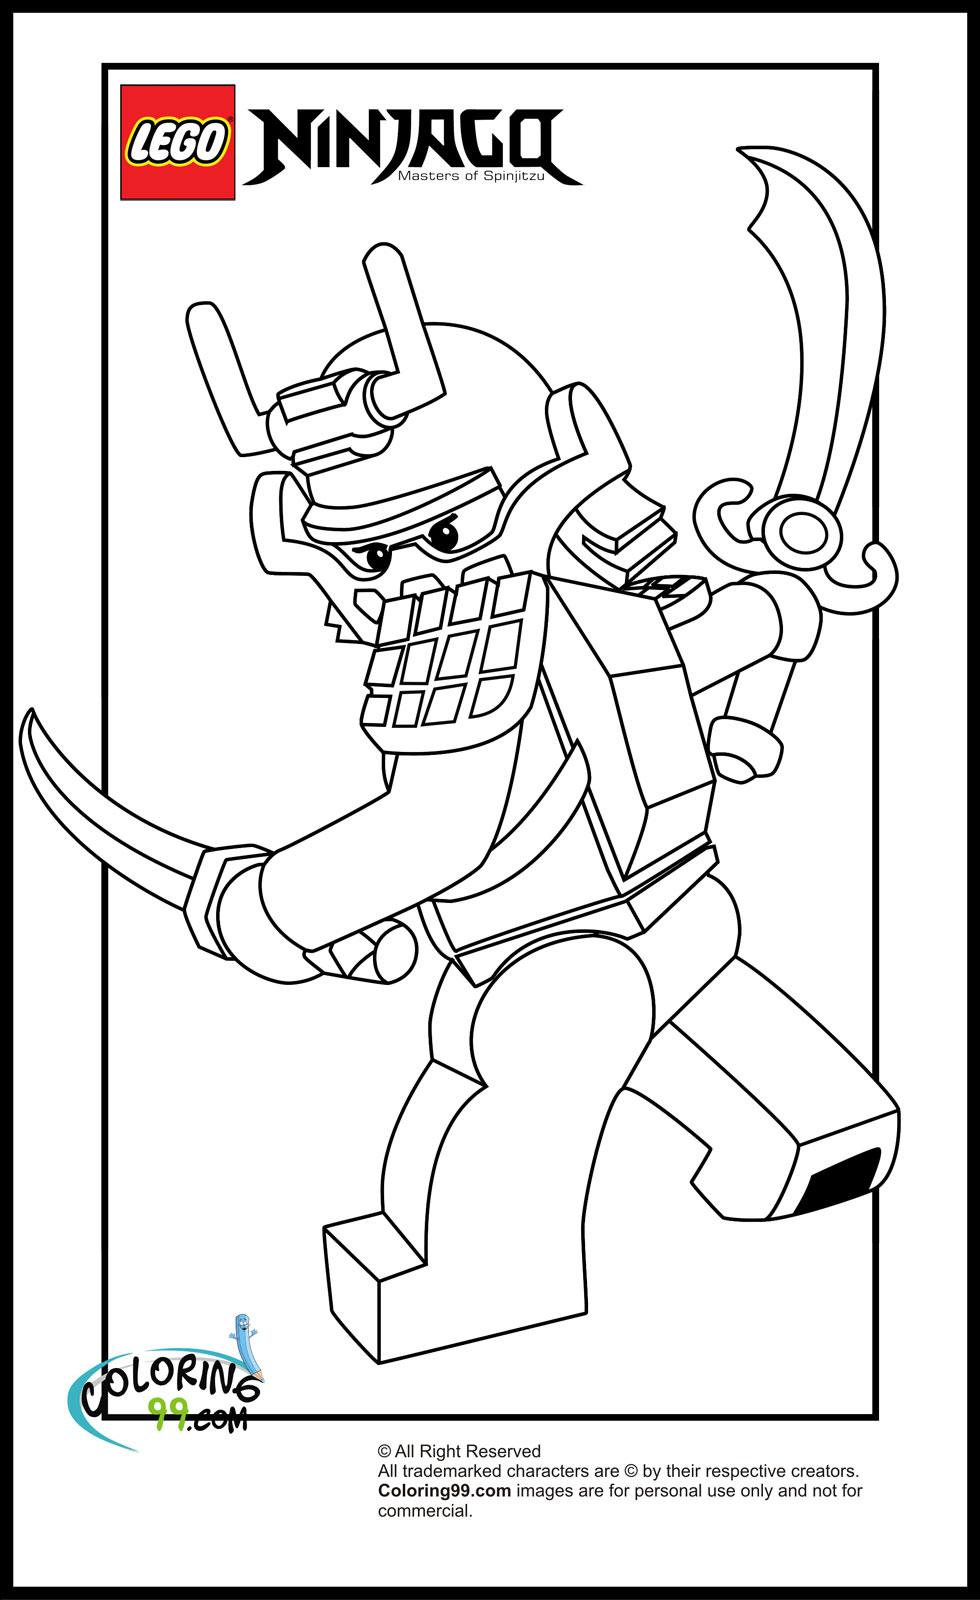 ninjago color anacondrai ninjago coloring coloring pages ninjago color